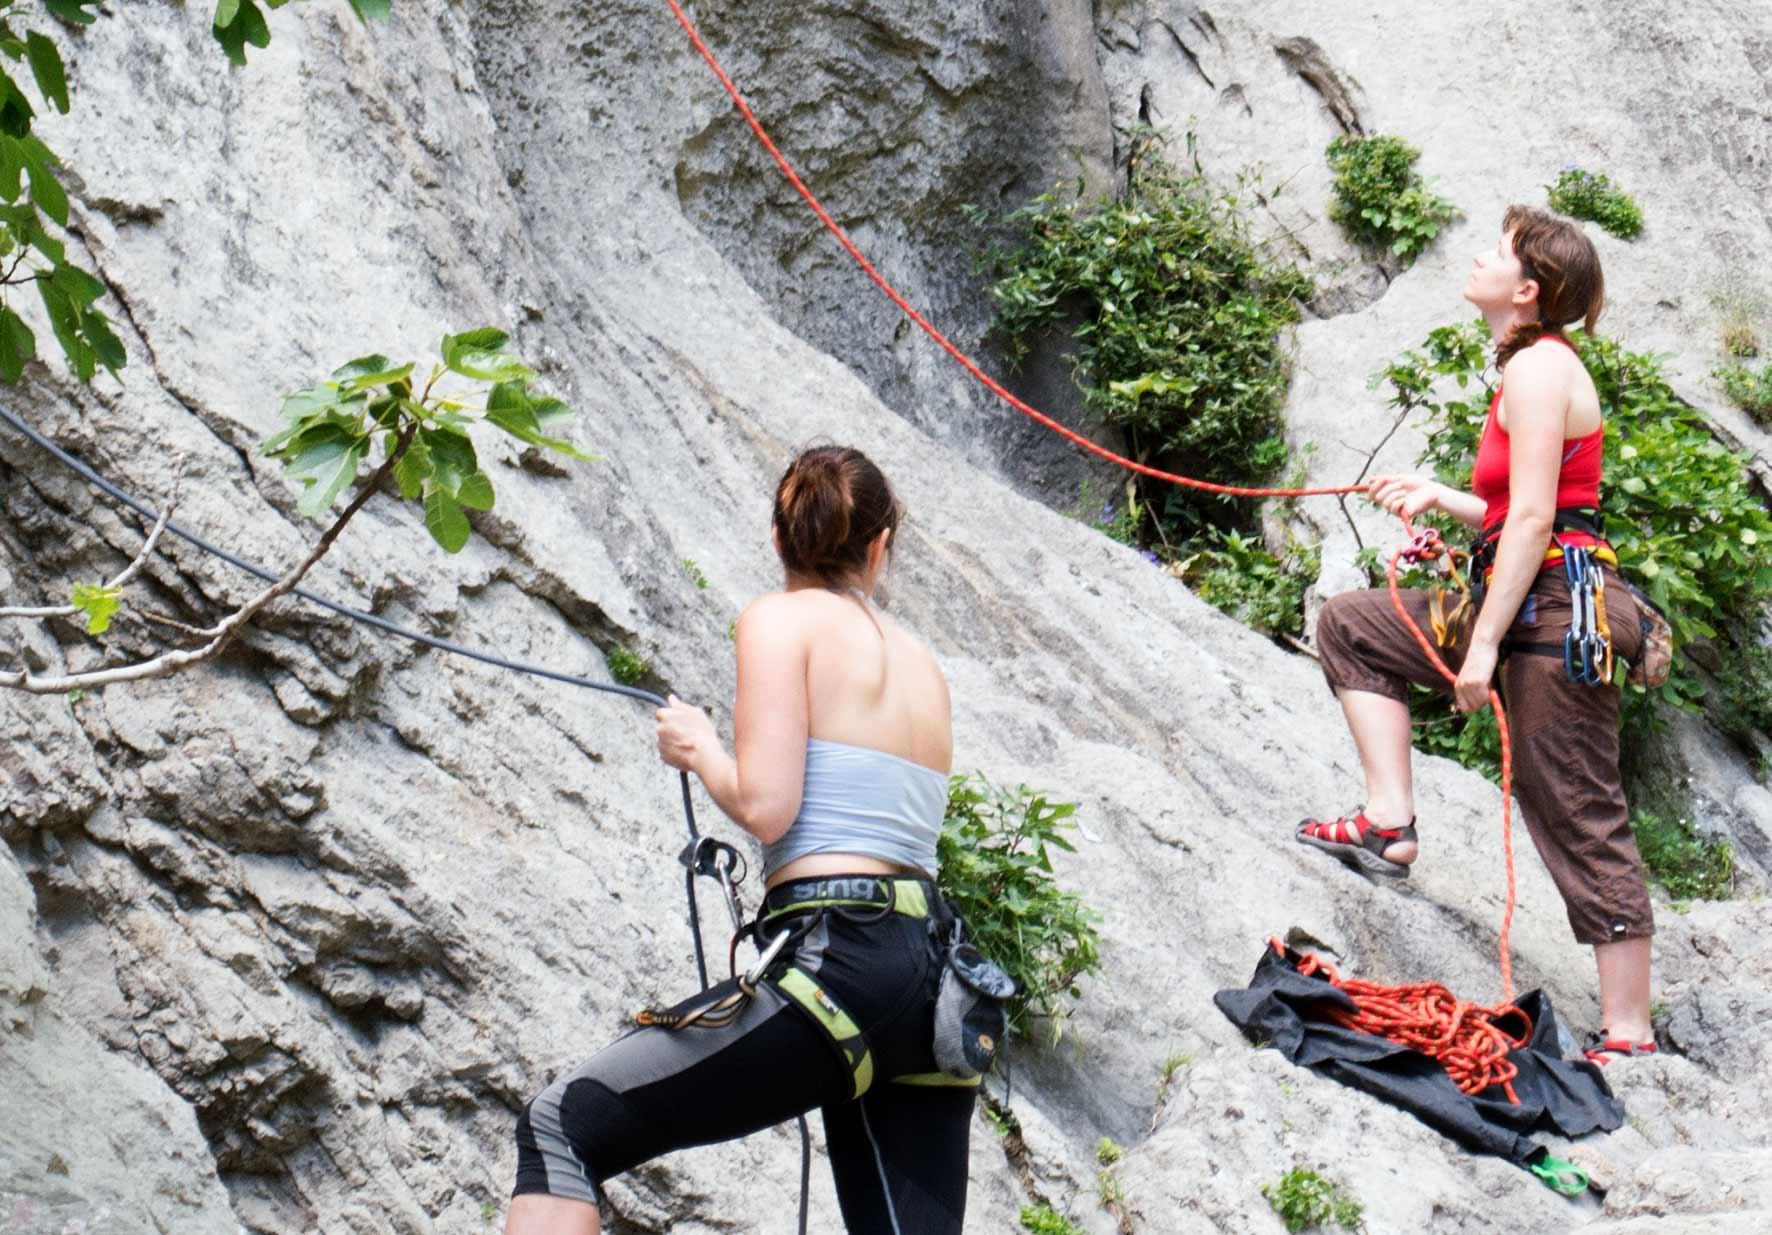 Der Fels in Kroatien eignet sich gut fürs Klettern